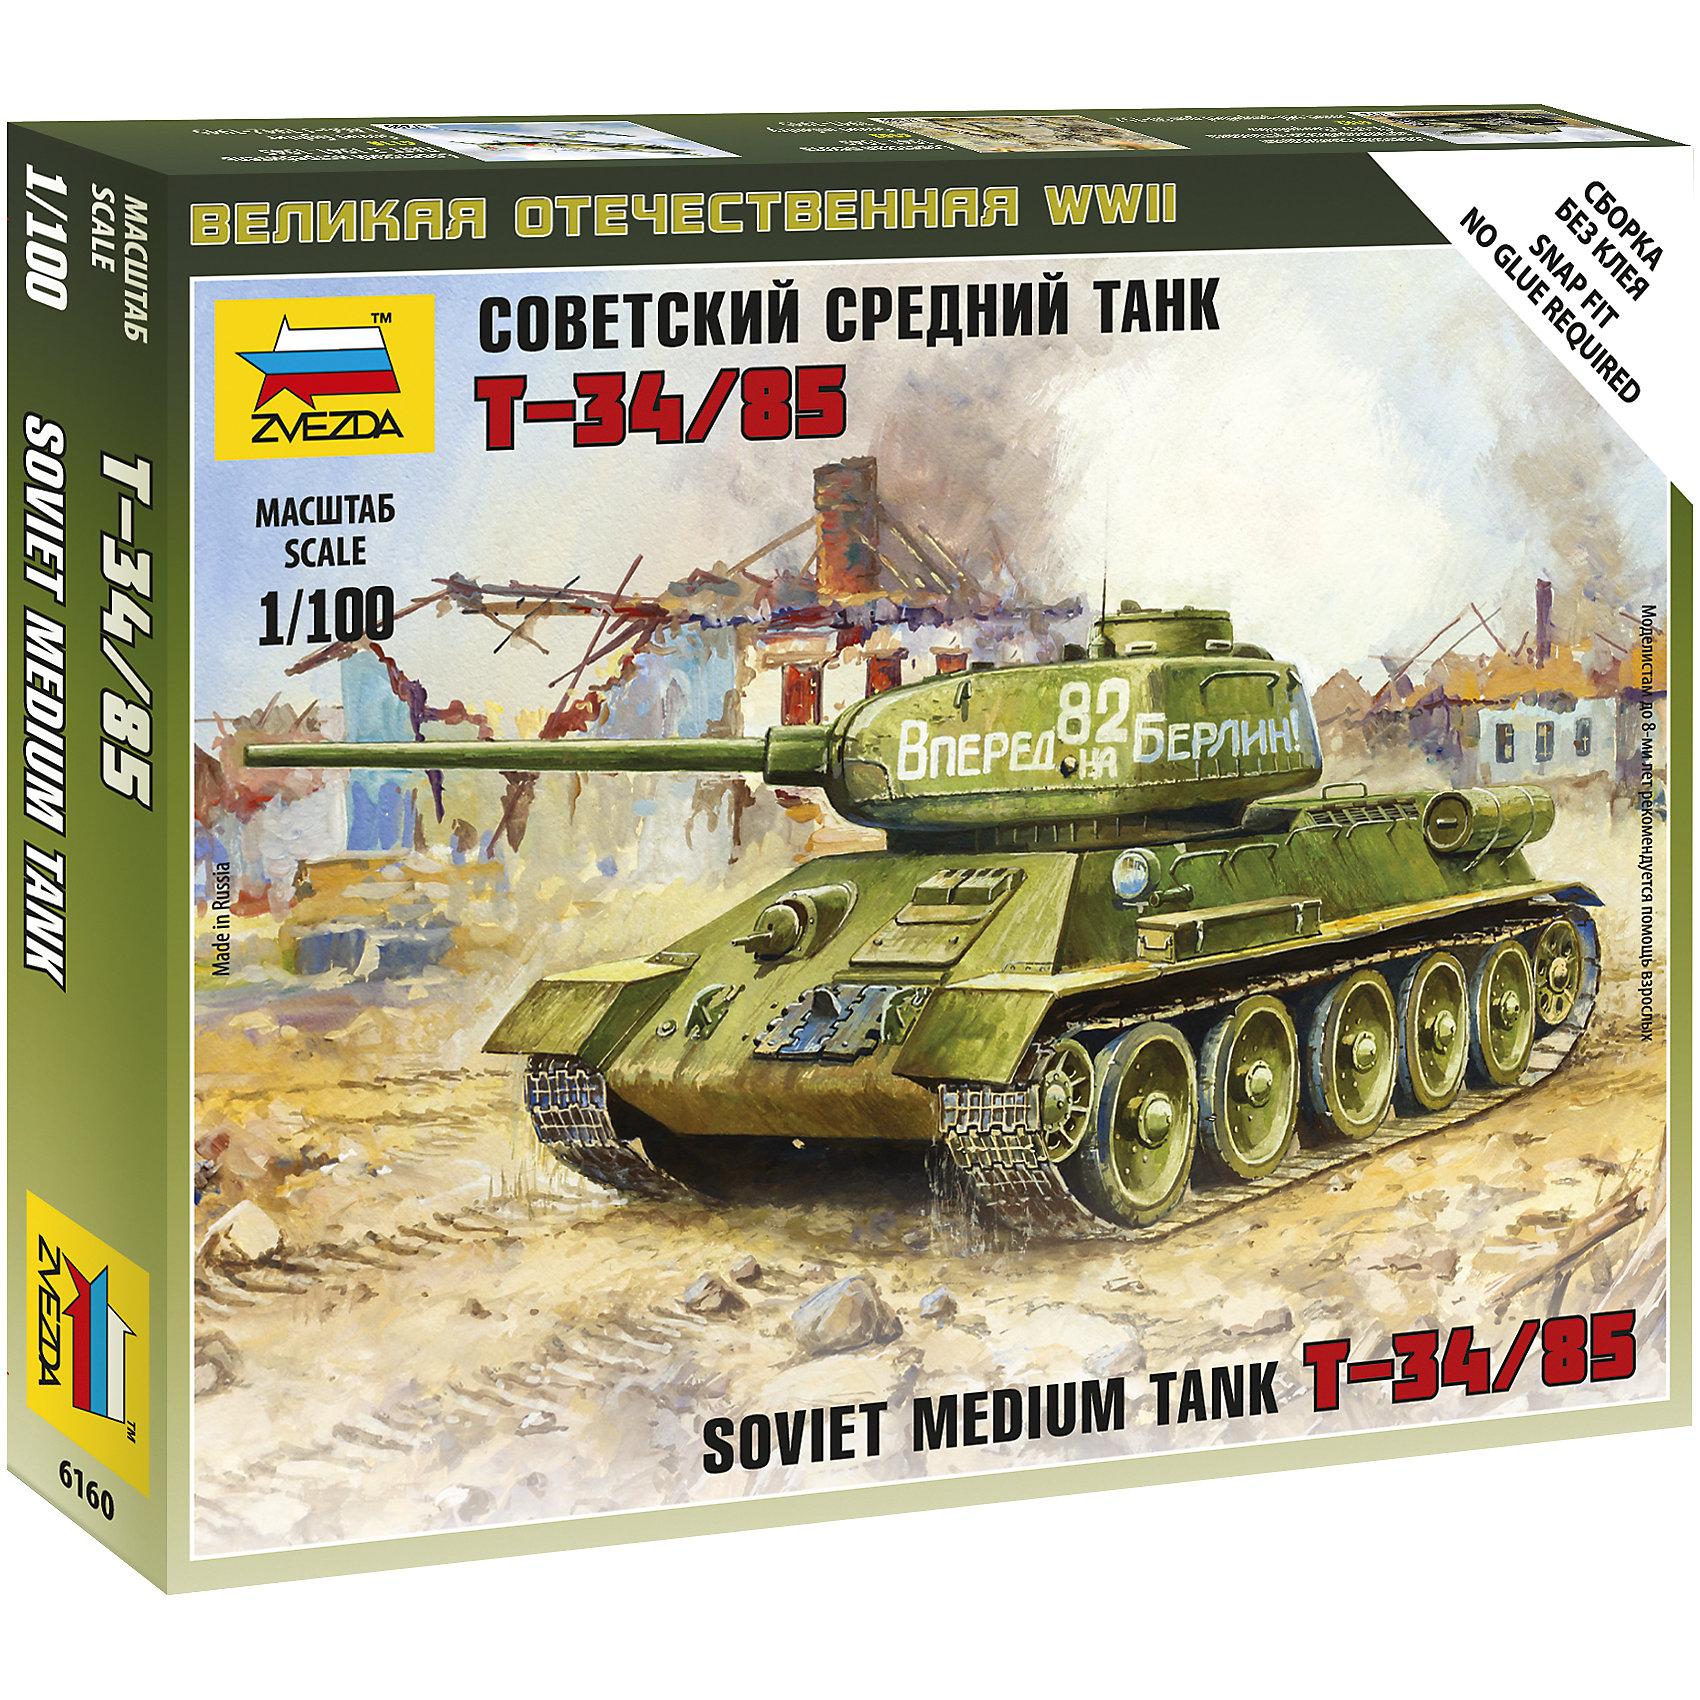 Сборная модель Звезда Советский средний танк Т-34, 1:100 (сборка без клея)Модели для склеивания<br>Модель сборная Советский средний танк Т-34<br><br>Ширина мм: 145<br>Глубина мм: 120<br>Высота мм: 20<br>Вес г: 50<br>Возраст от месяцев: 36<br>Возраст до месяцев: 180<br>Пол: Мужской<br>Возраст: Детский<br>SKU: 7086469